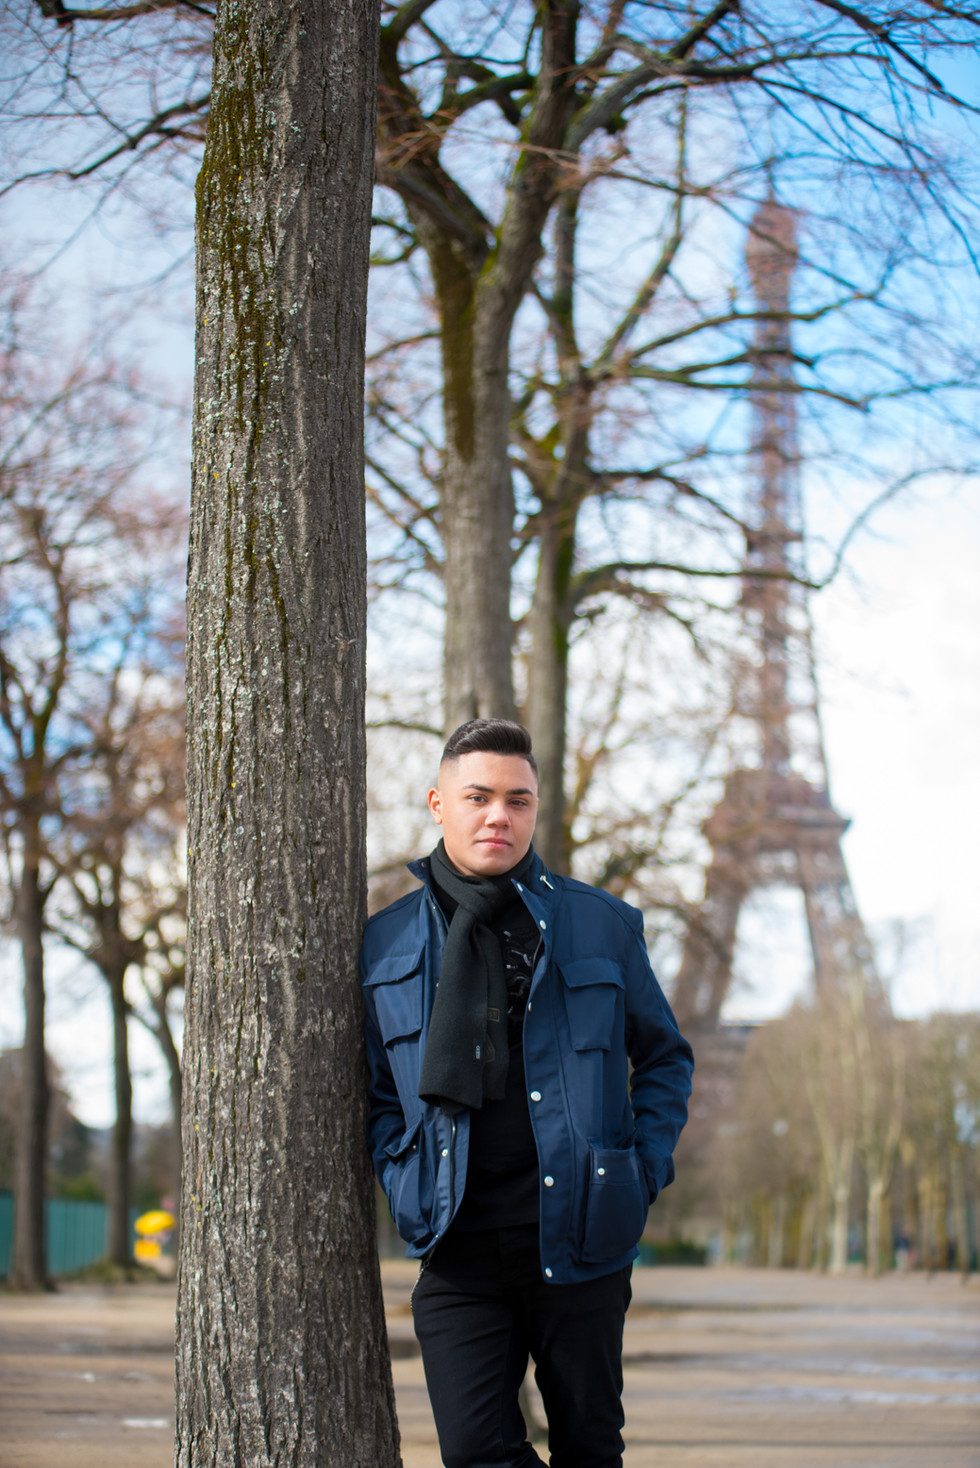 Fotógrafo_Brasileiro_em_Paris-Leandro_Dias_(202_de_381).jpg